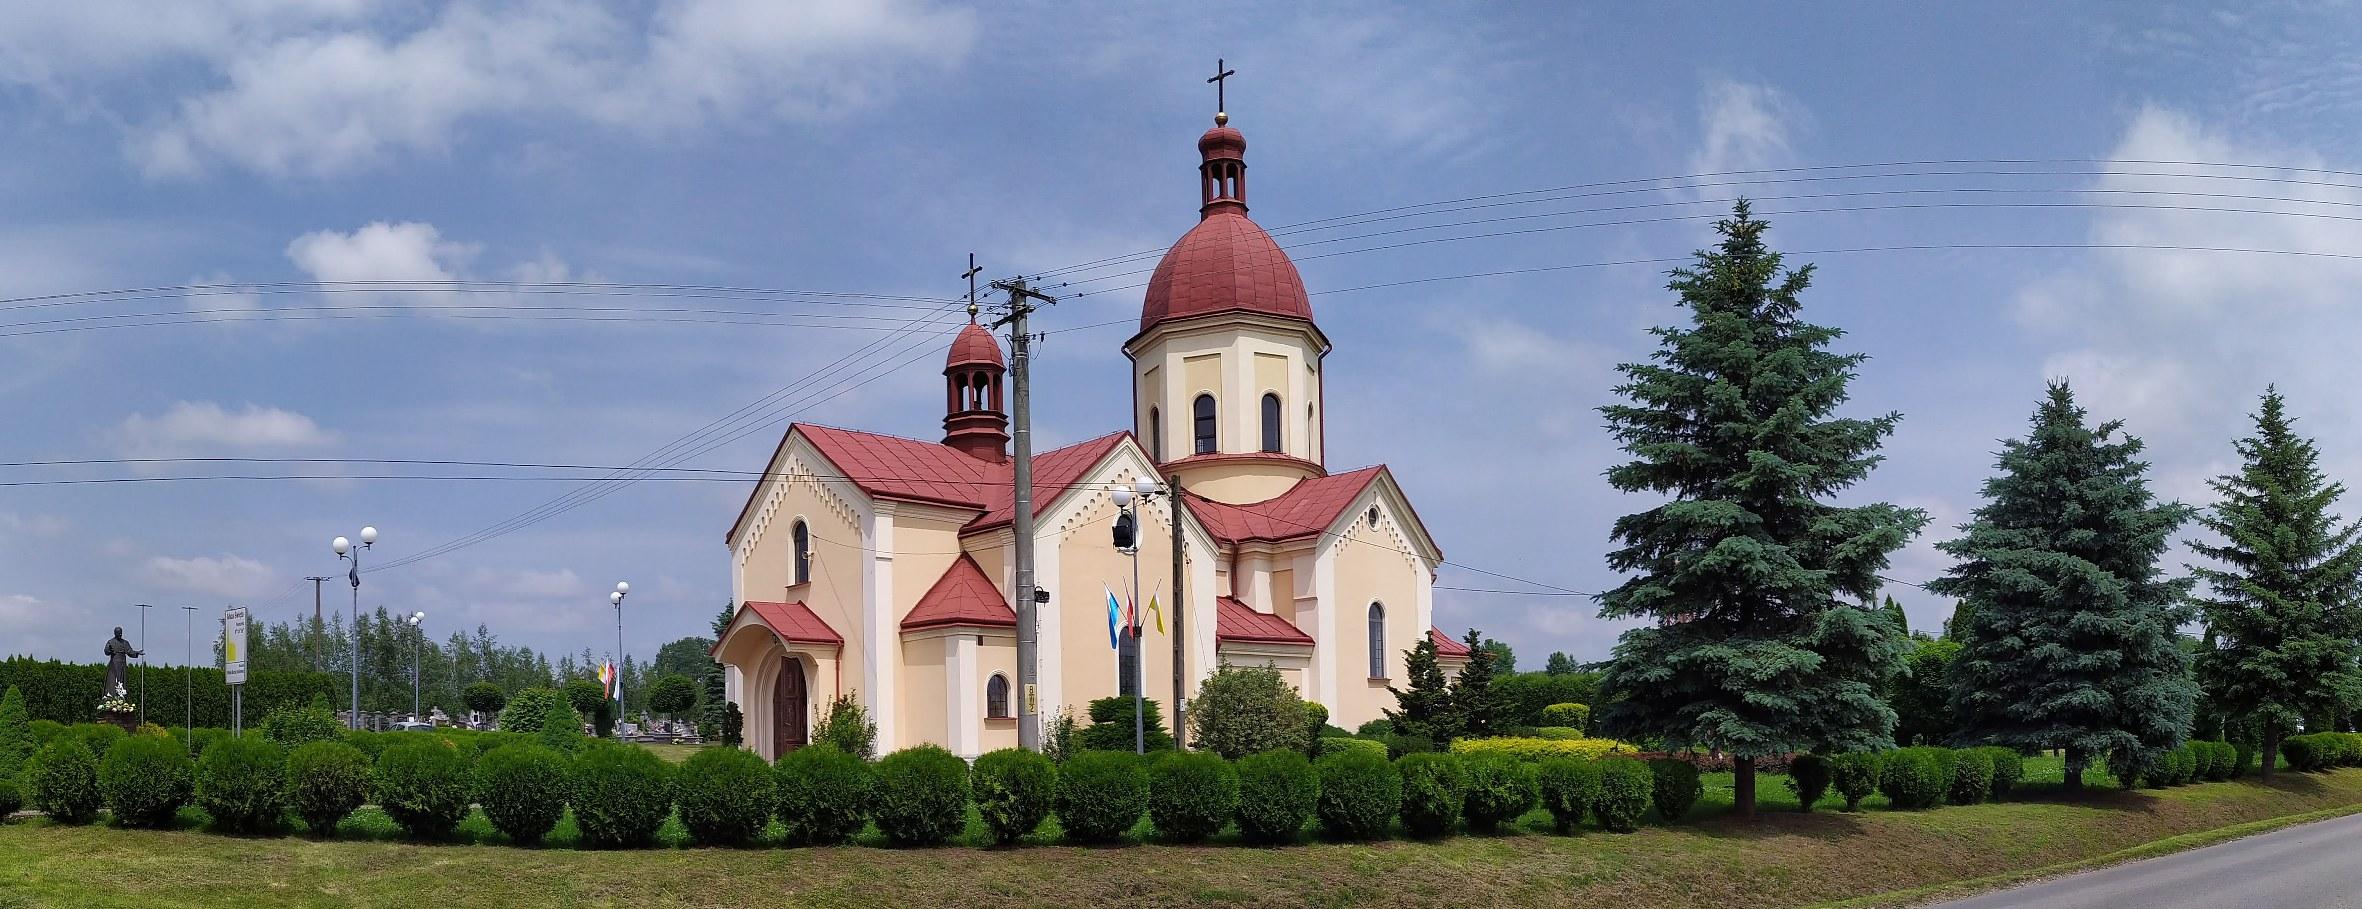 Kościół parafialny i otoczenie